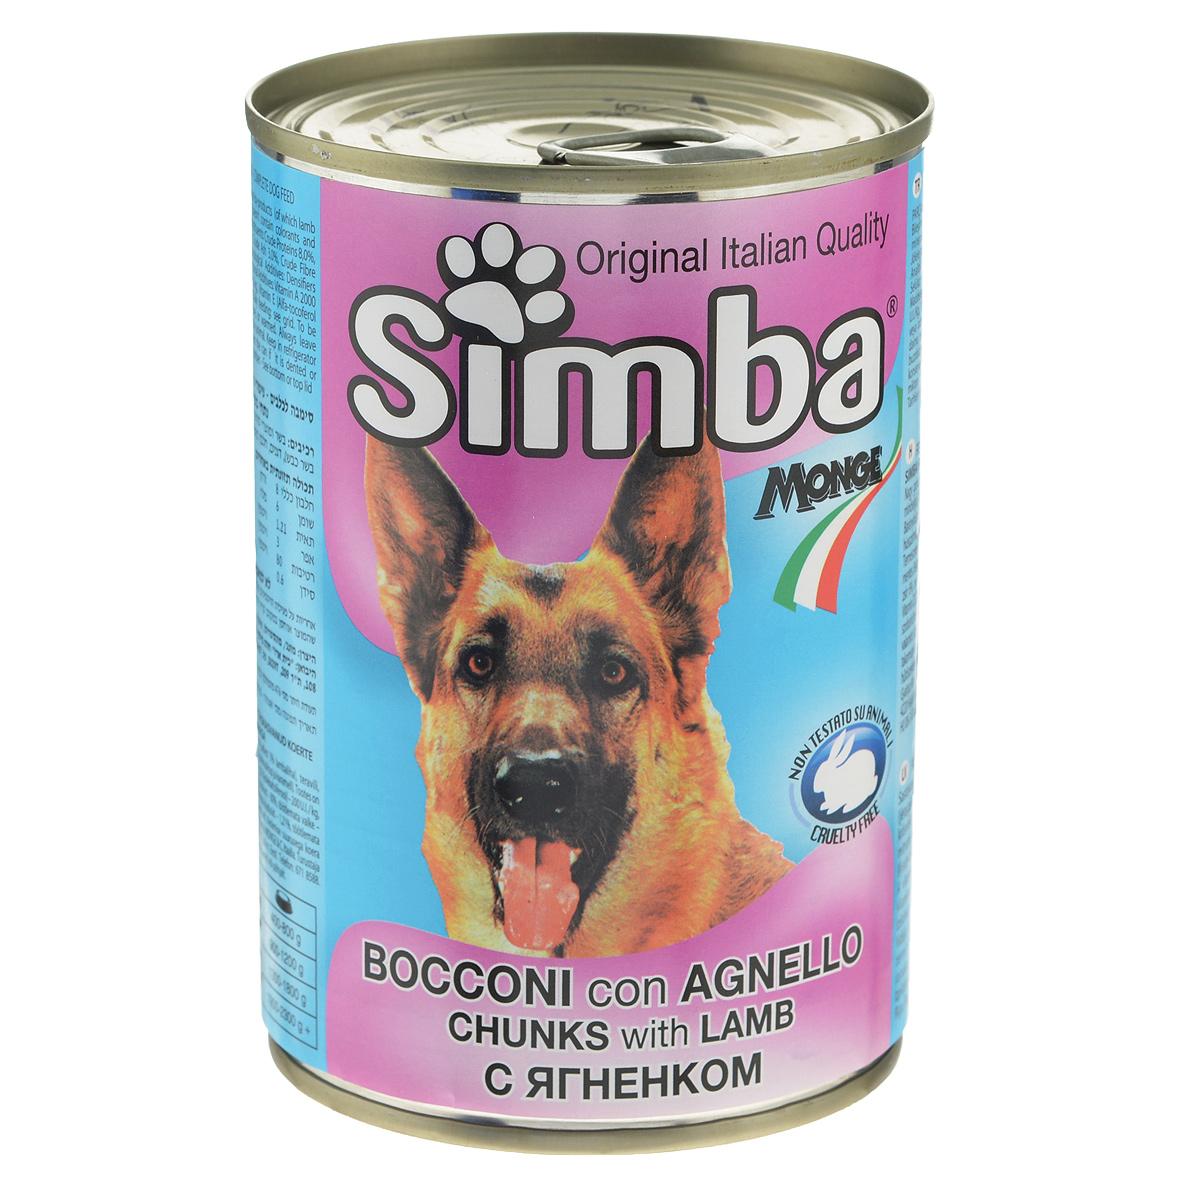 Консервы для собак Monge Simba, кусочки с ягненком, 415 г70009164Консервы для собак Monge Simba - это полноценный сбалансированный корм для собак. Кусочки с ягненком в соусе. Ежедневная норма для собаки среднего размера - 800 г.Состав: мясо и мясные субпродукты (мясо ягненка не менее 5%), злаки, минеральные вещества, витамины, натуральные красители и вкусовые добавки. Анализ компонентов: протеин 8%, жир 6%, клетчатка 1,21%, зола 3%, влажность 80%.Витамины и добавки на 1 кг: витамин А 2000 МЕ, витамин D3 200 МЕ, витамин Е 5 мг. Товар сертифицирован.